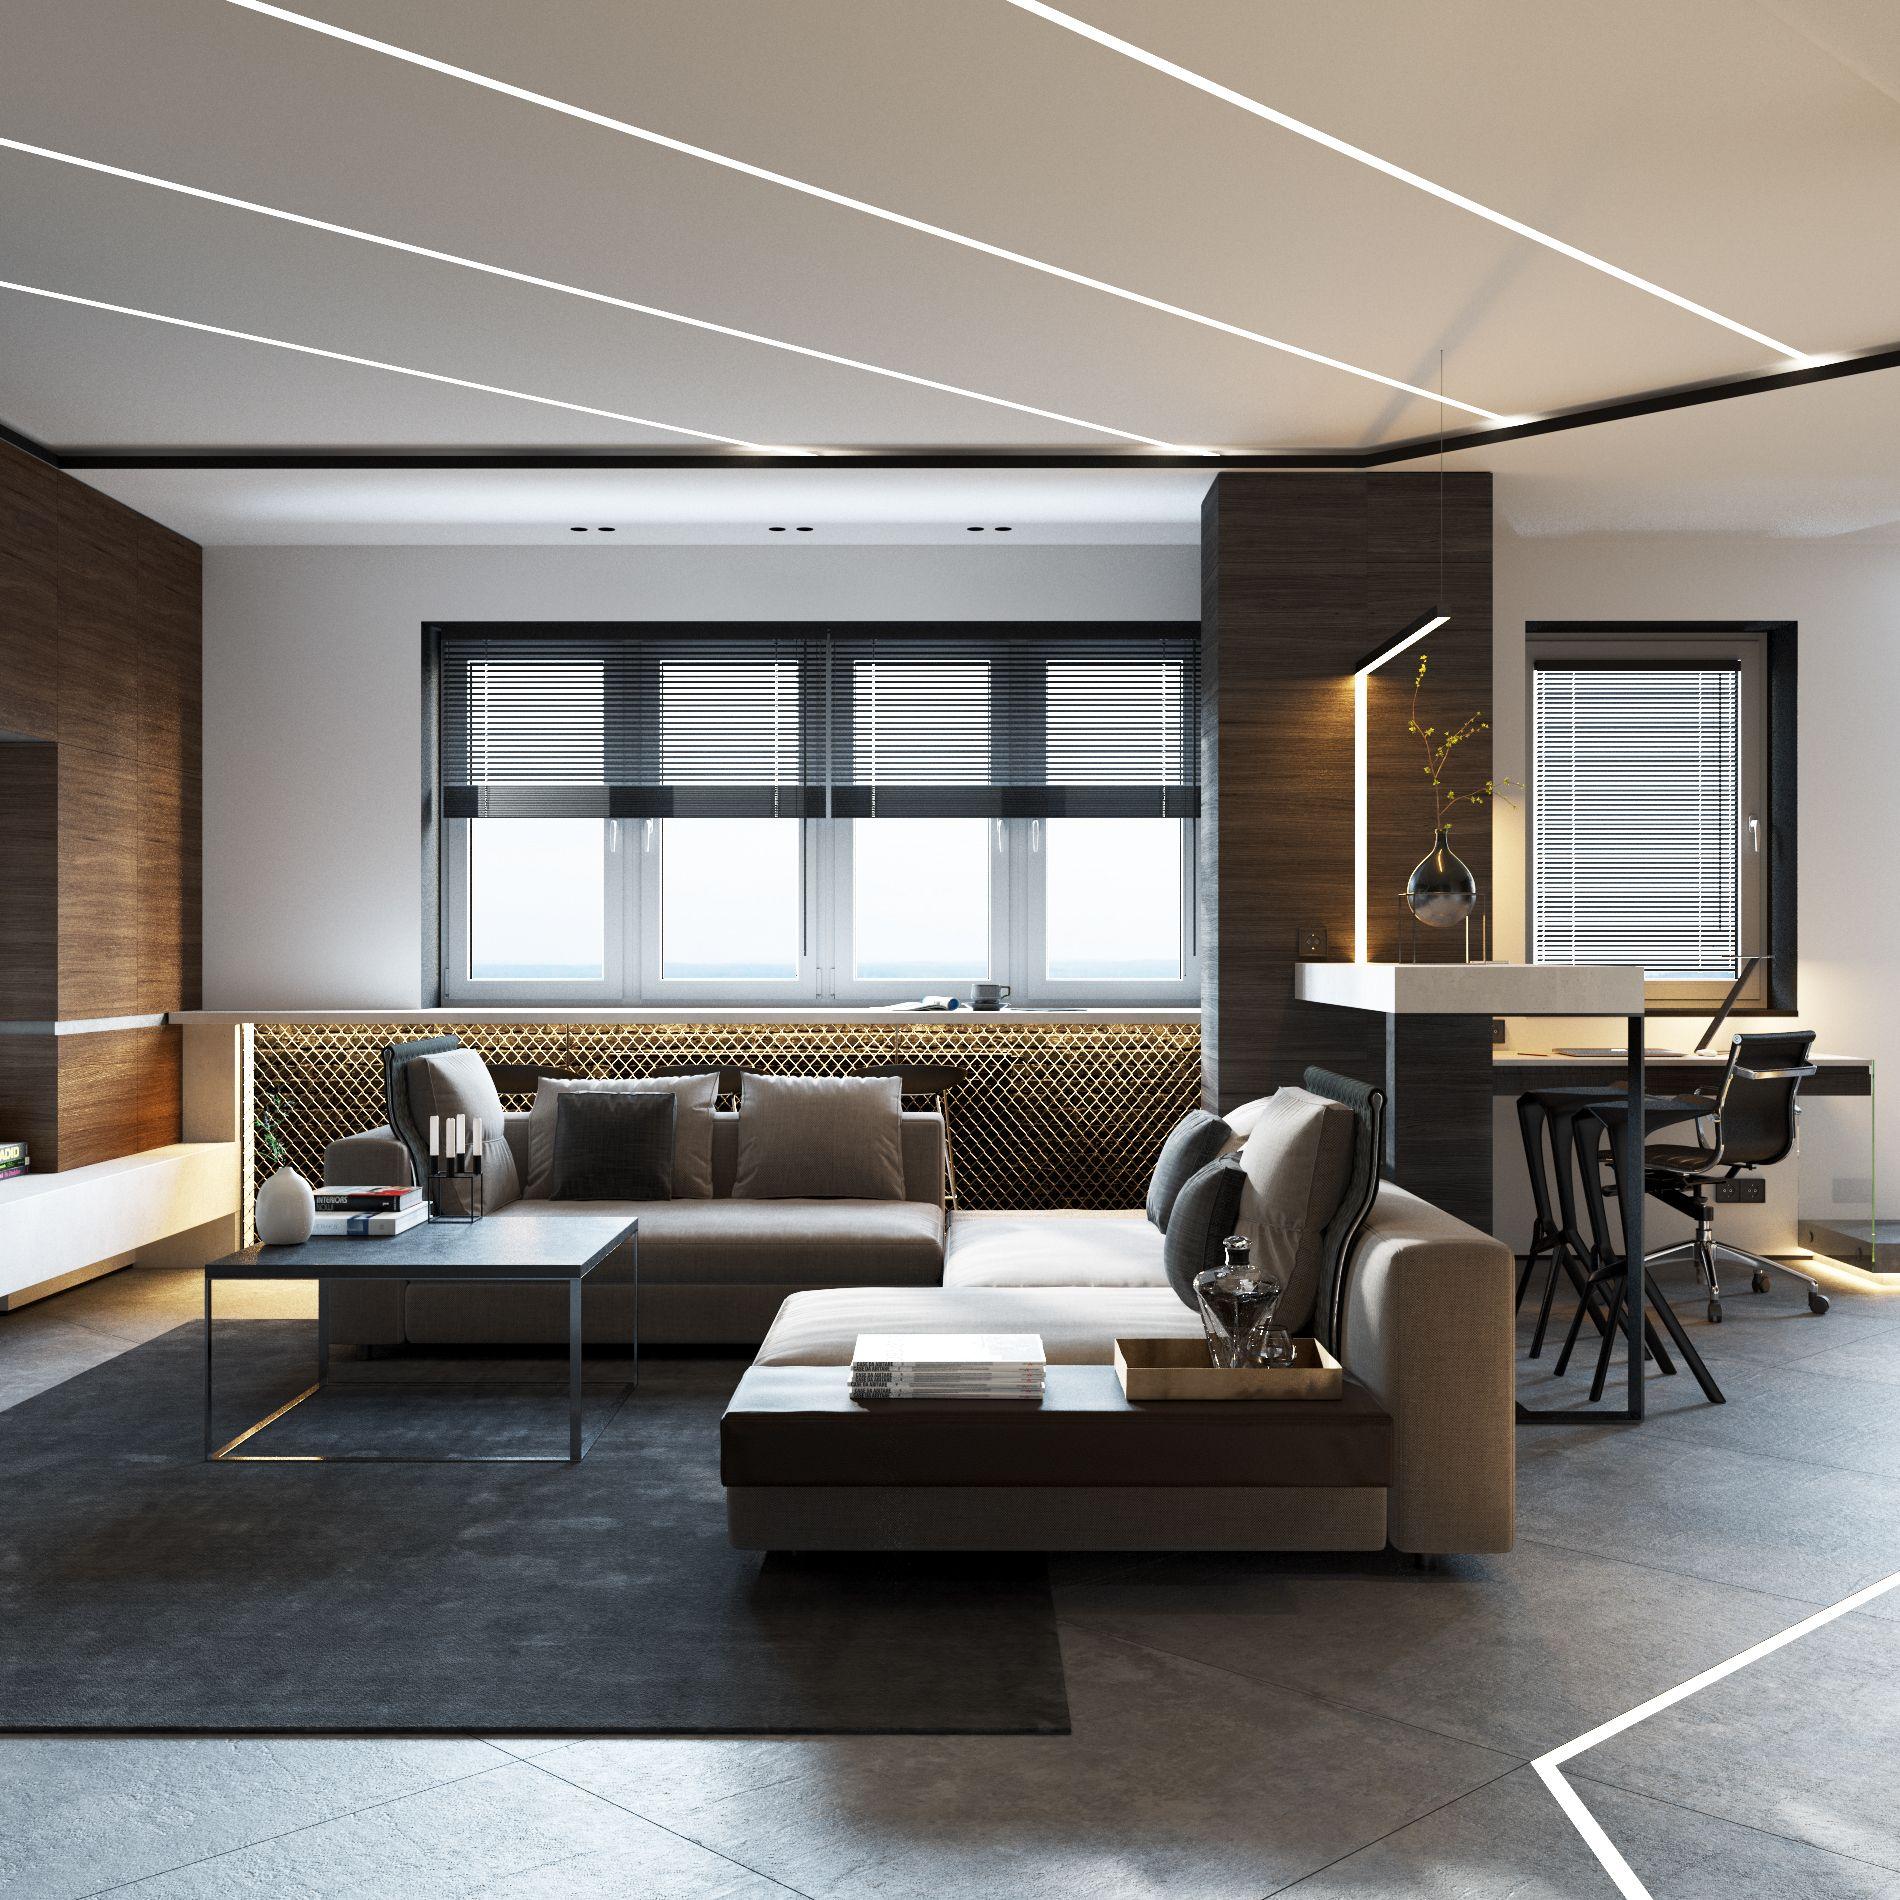 Однокомнатная квартира в стиле хай тек коричневая